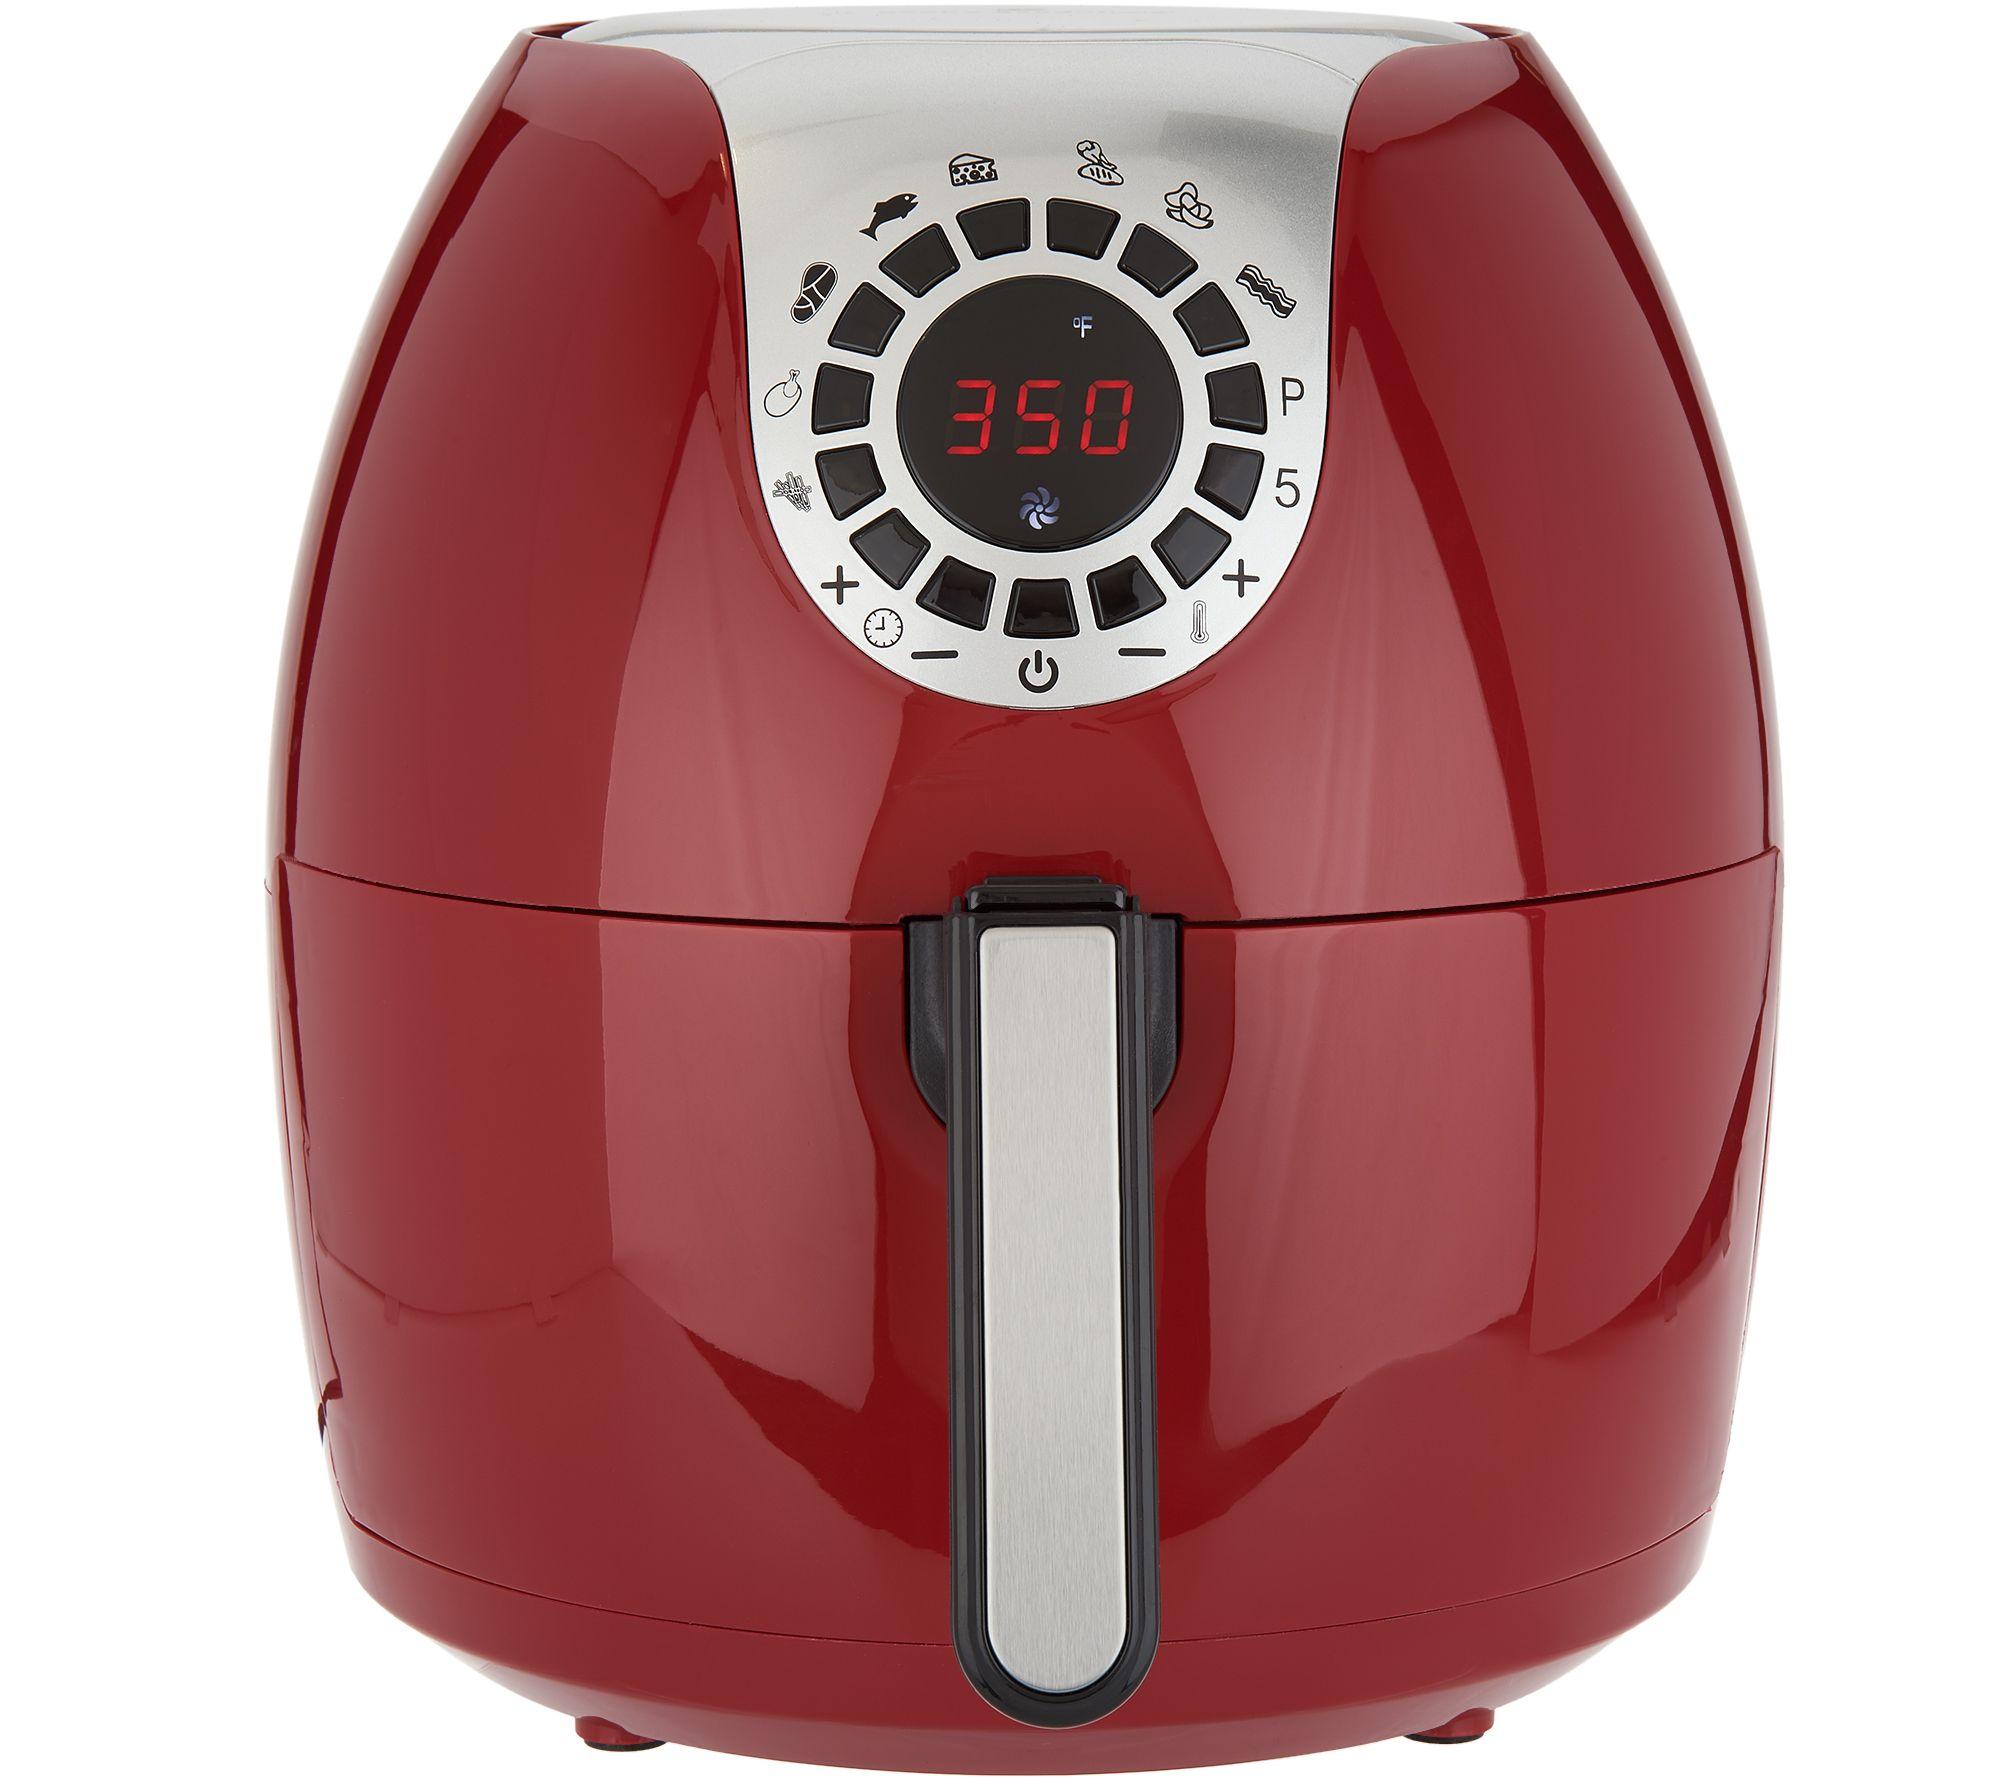 Cook's Essentials 5.3qt Digital Air Fryer w/ 10 Presets & Pan - Page 1 —  QVC.com